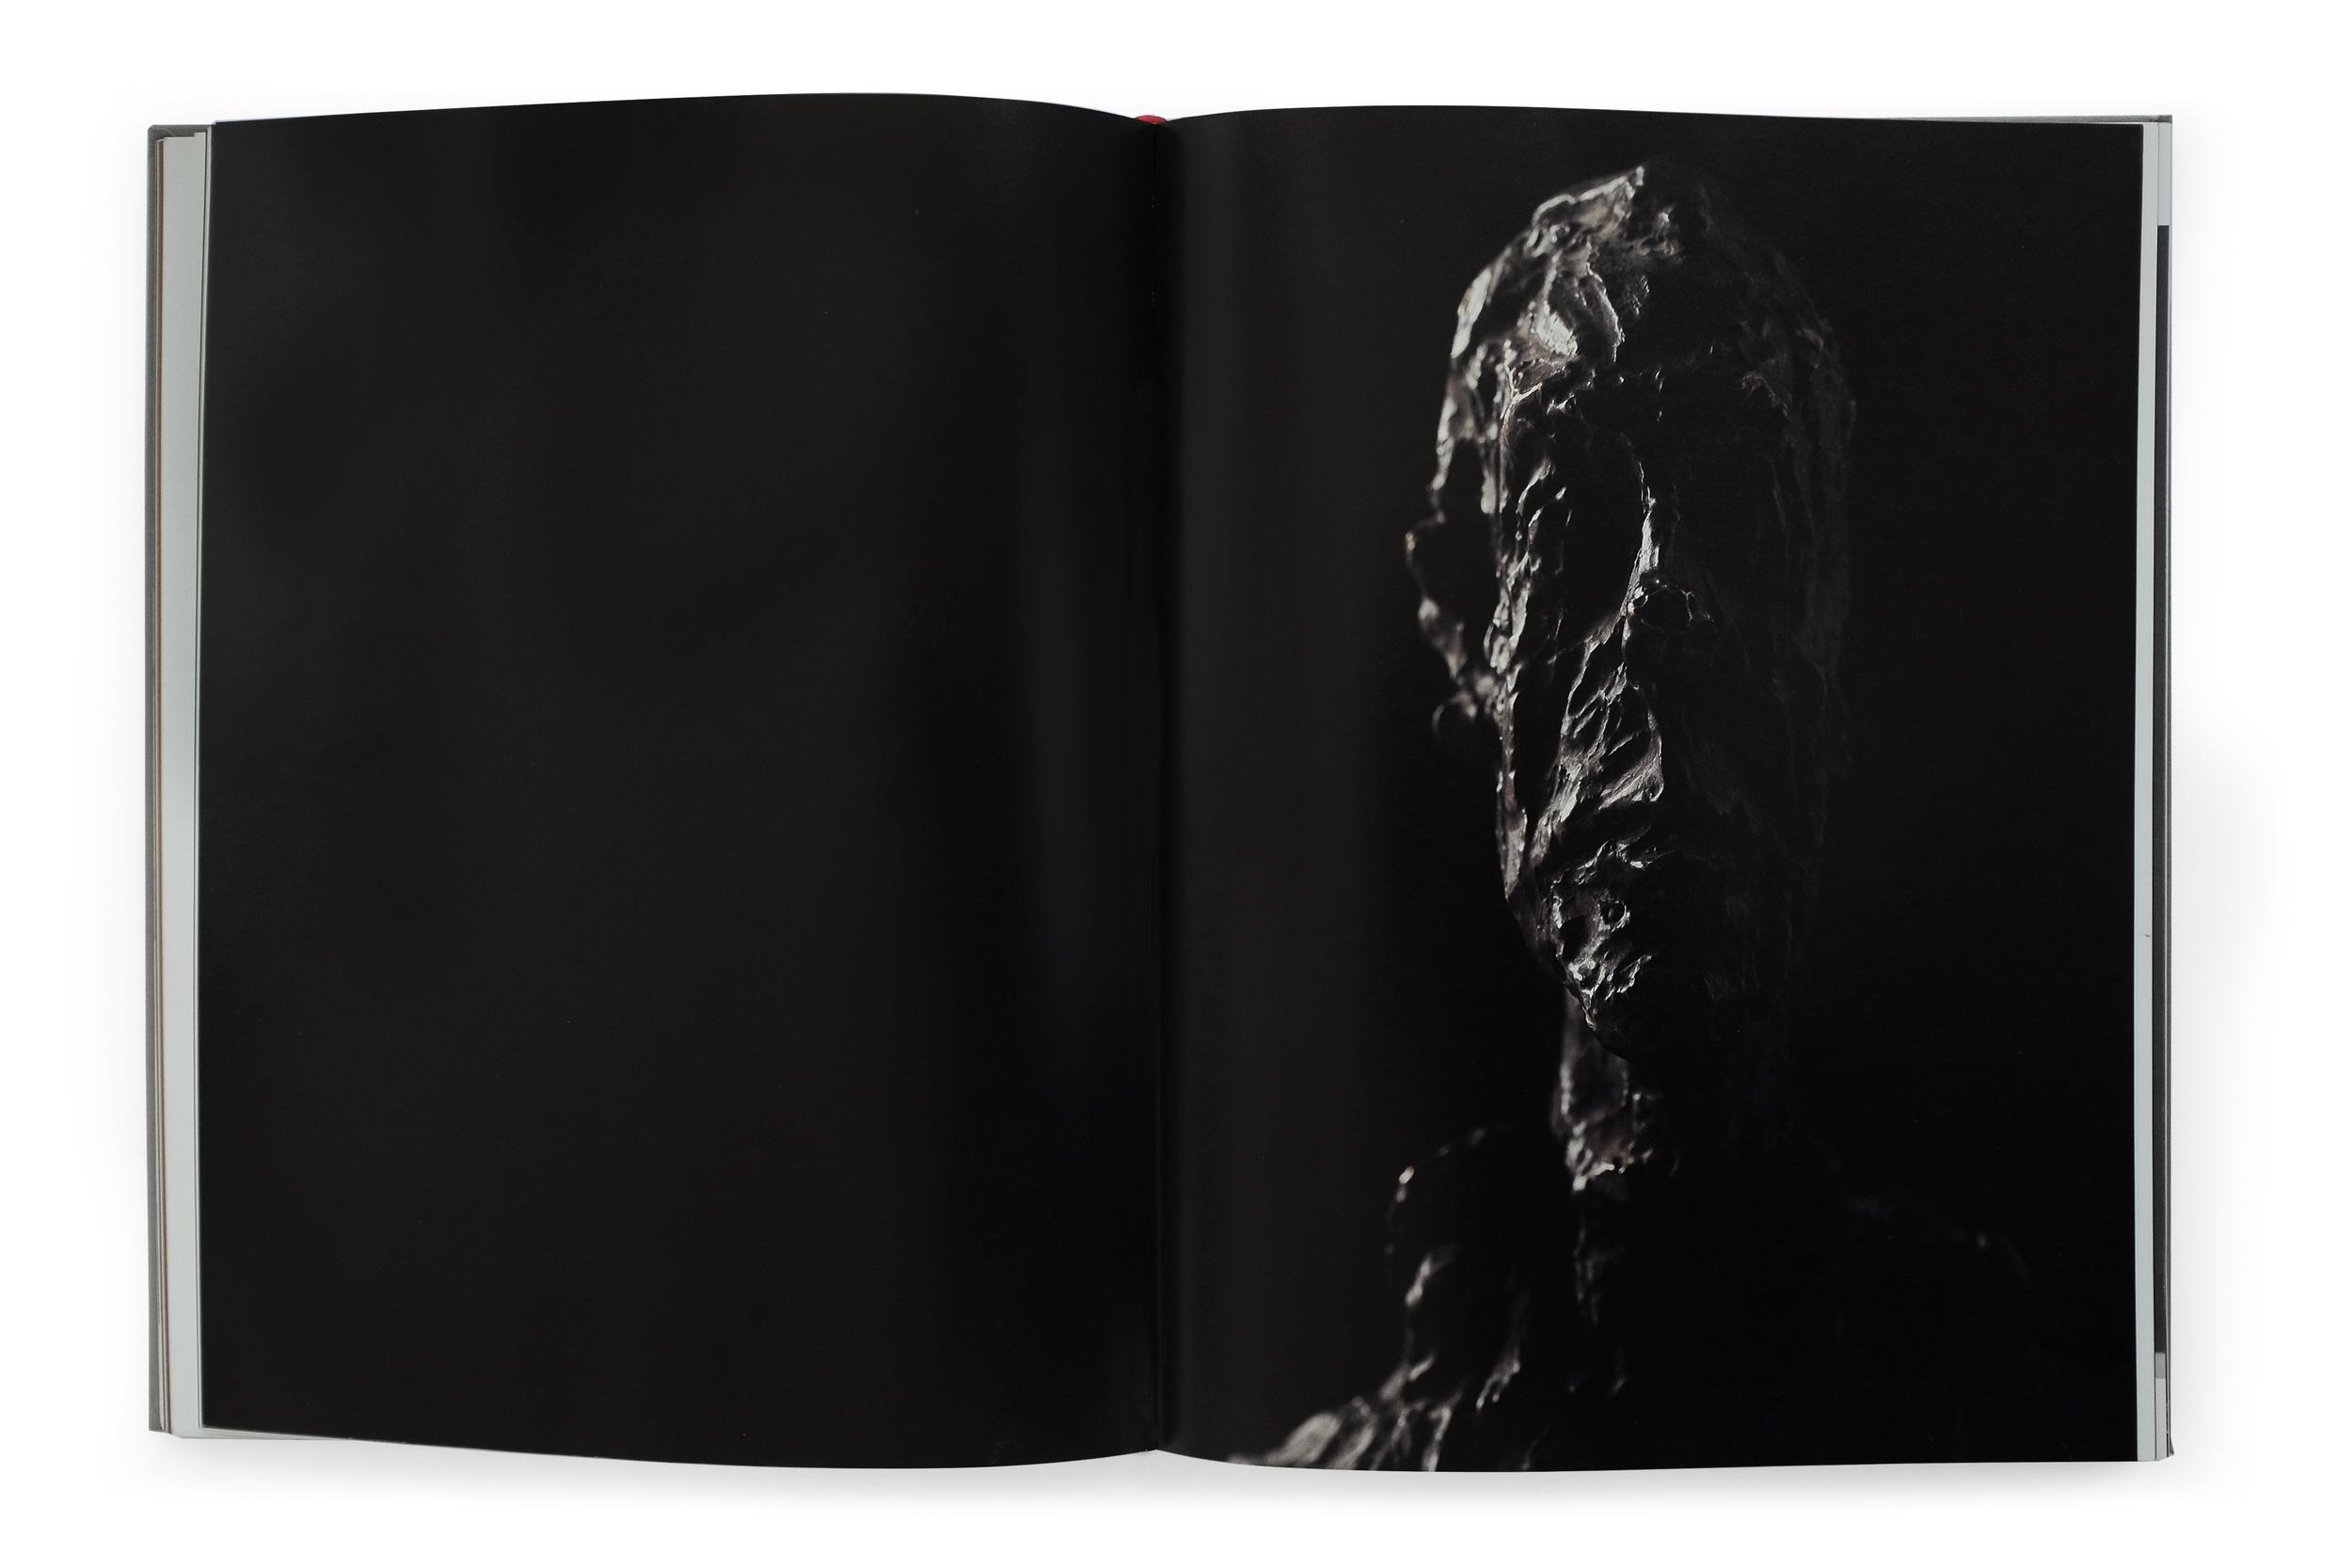 giacometti_book29.jpg